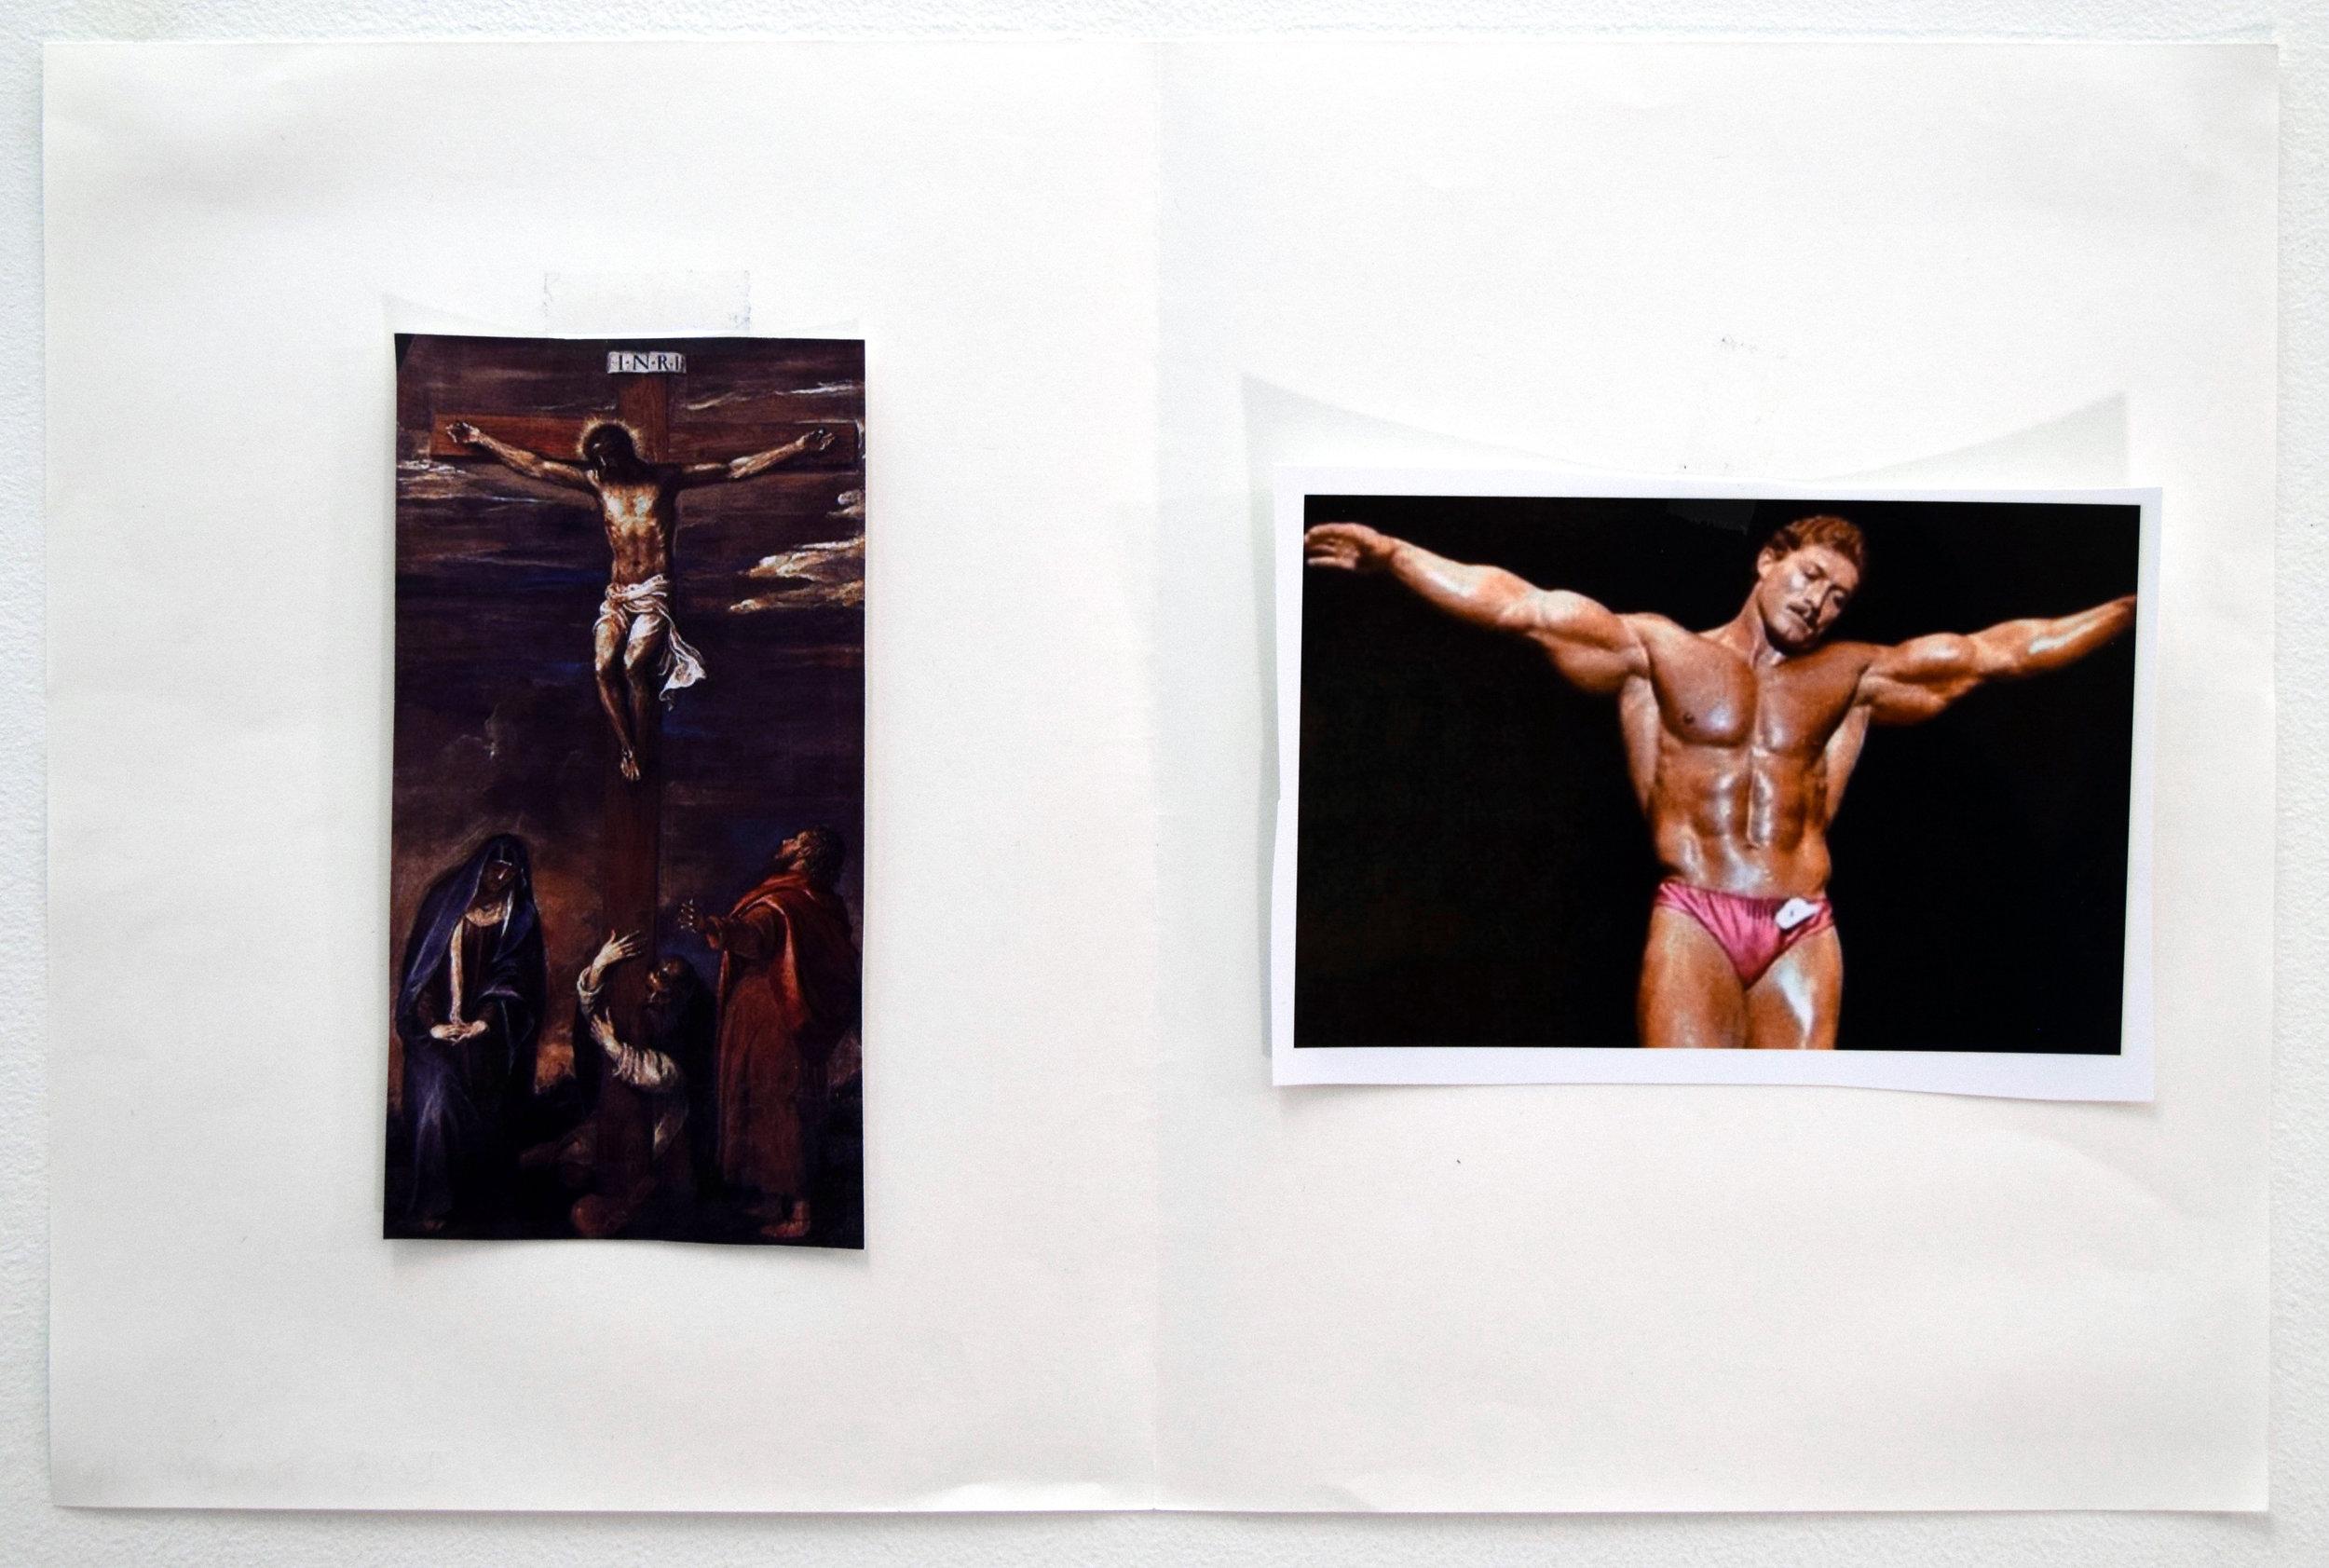 Comparison 129,  Al Freeman, 12.5 x 19 inches, 31.8 x 48.3 centimeters